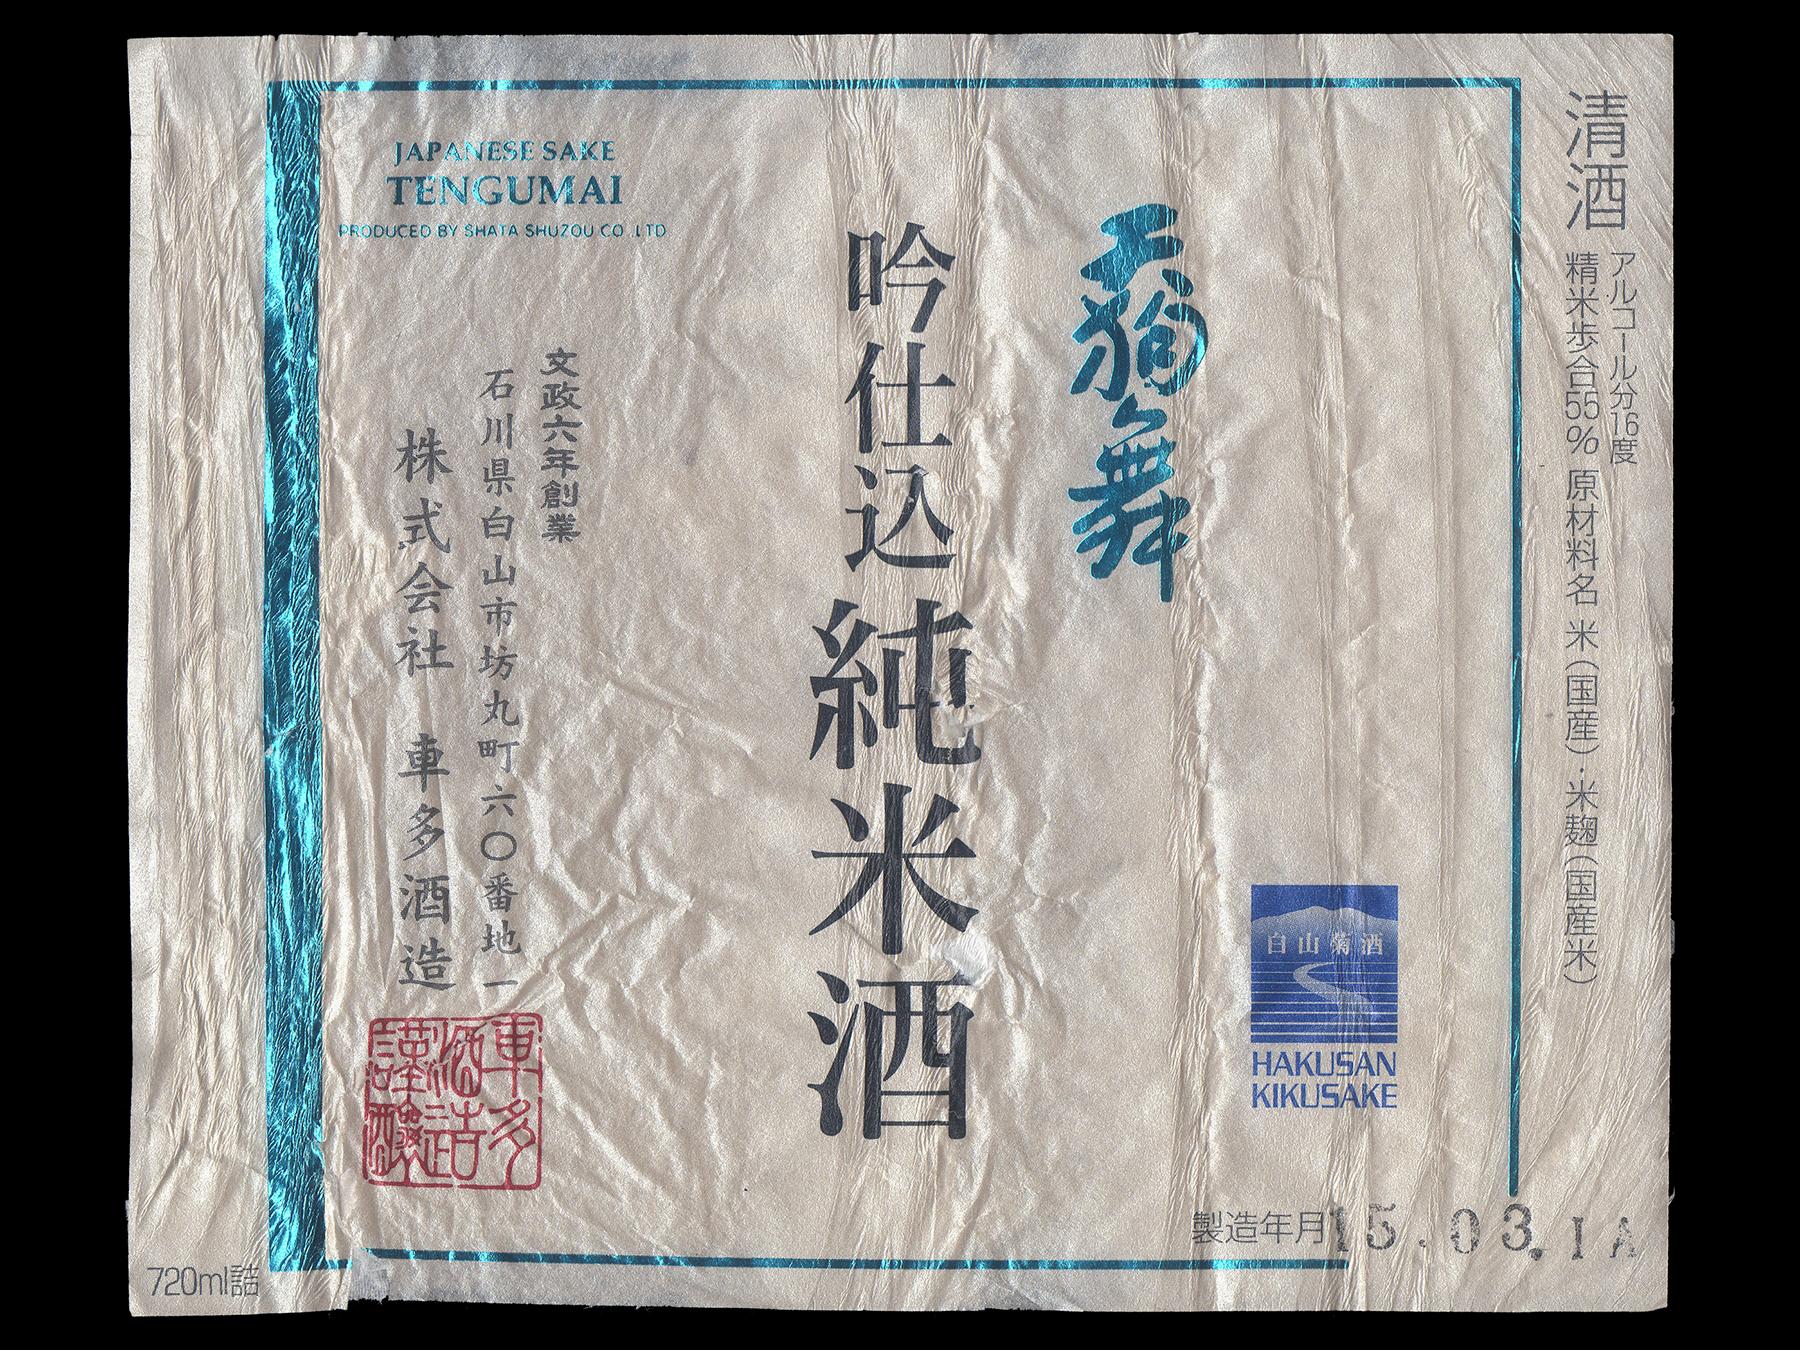 天狗舞(てんぐまい)「純米」吟仕込白山菊酒ラベル